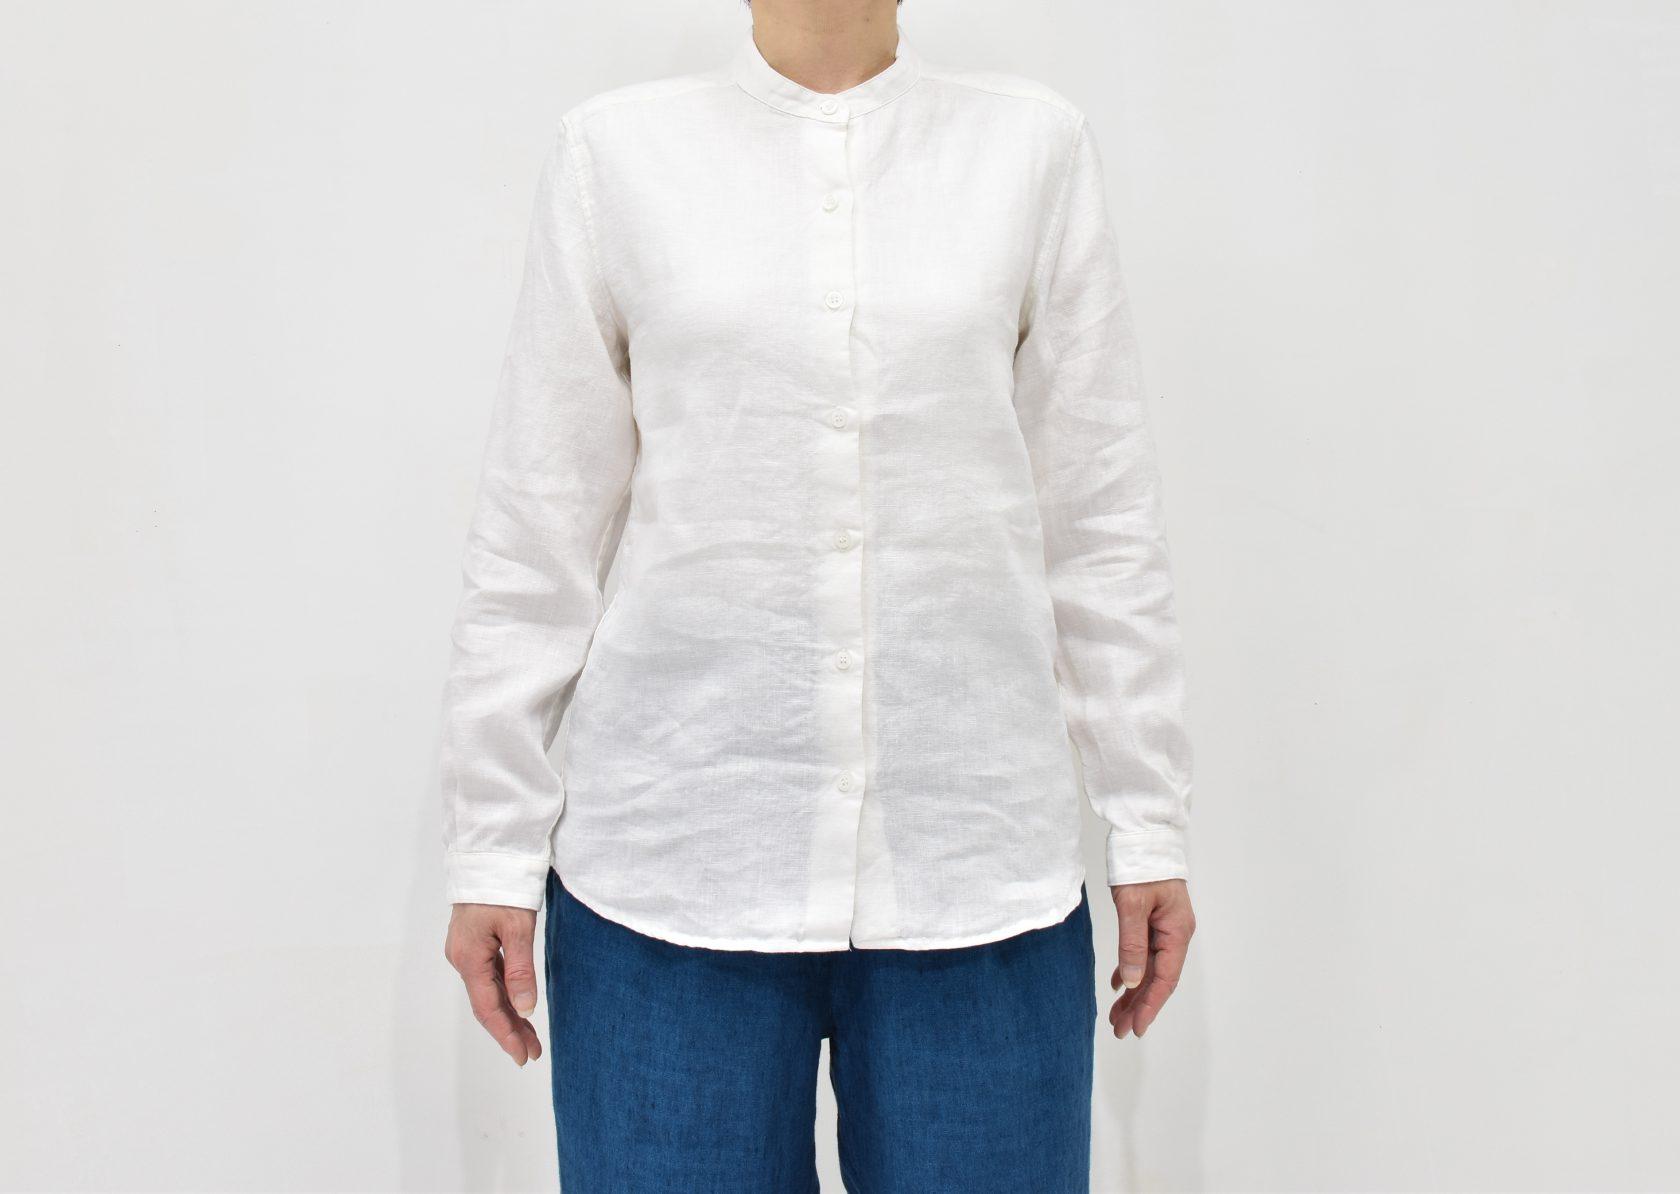 ファブリックスのリネンスタンドカラーシャツ